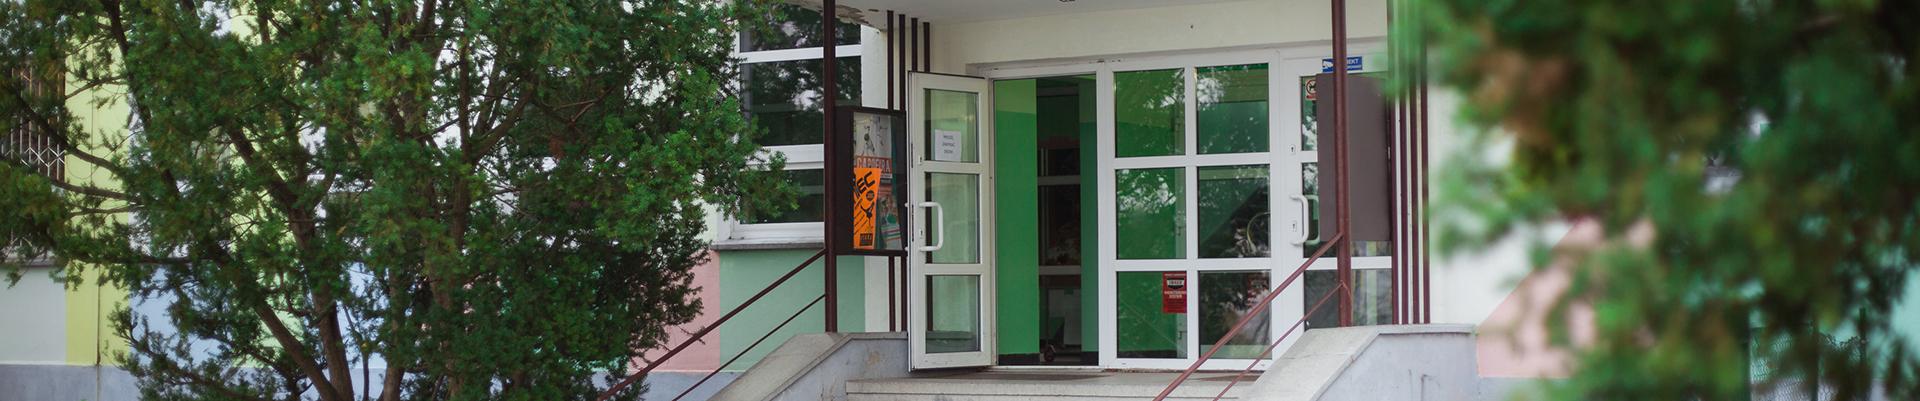 Wejście główne do Szkoły Podstawowej nr 64 im. Marii Konopnickiej w Poznaniu